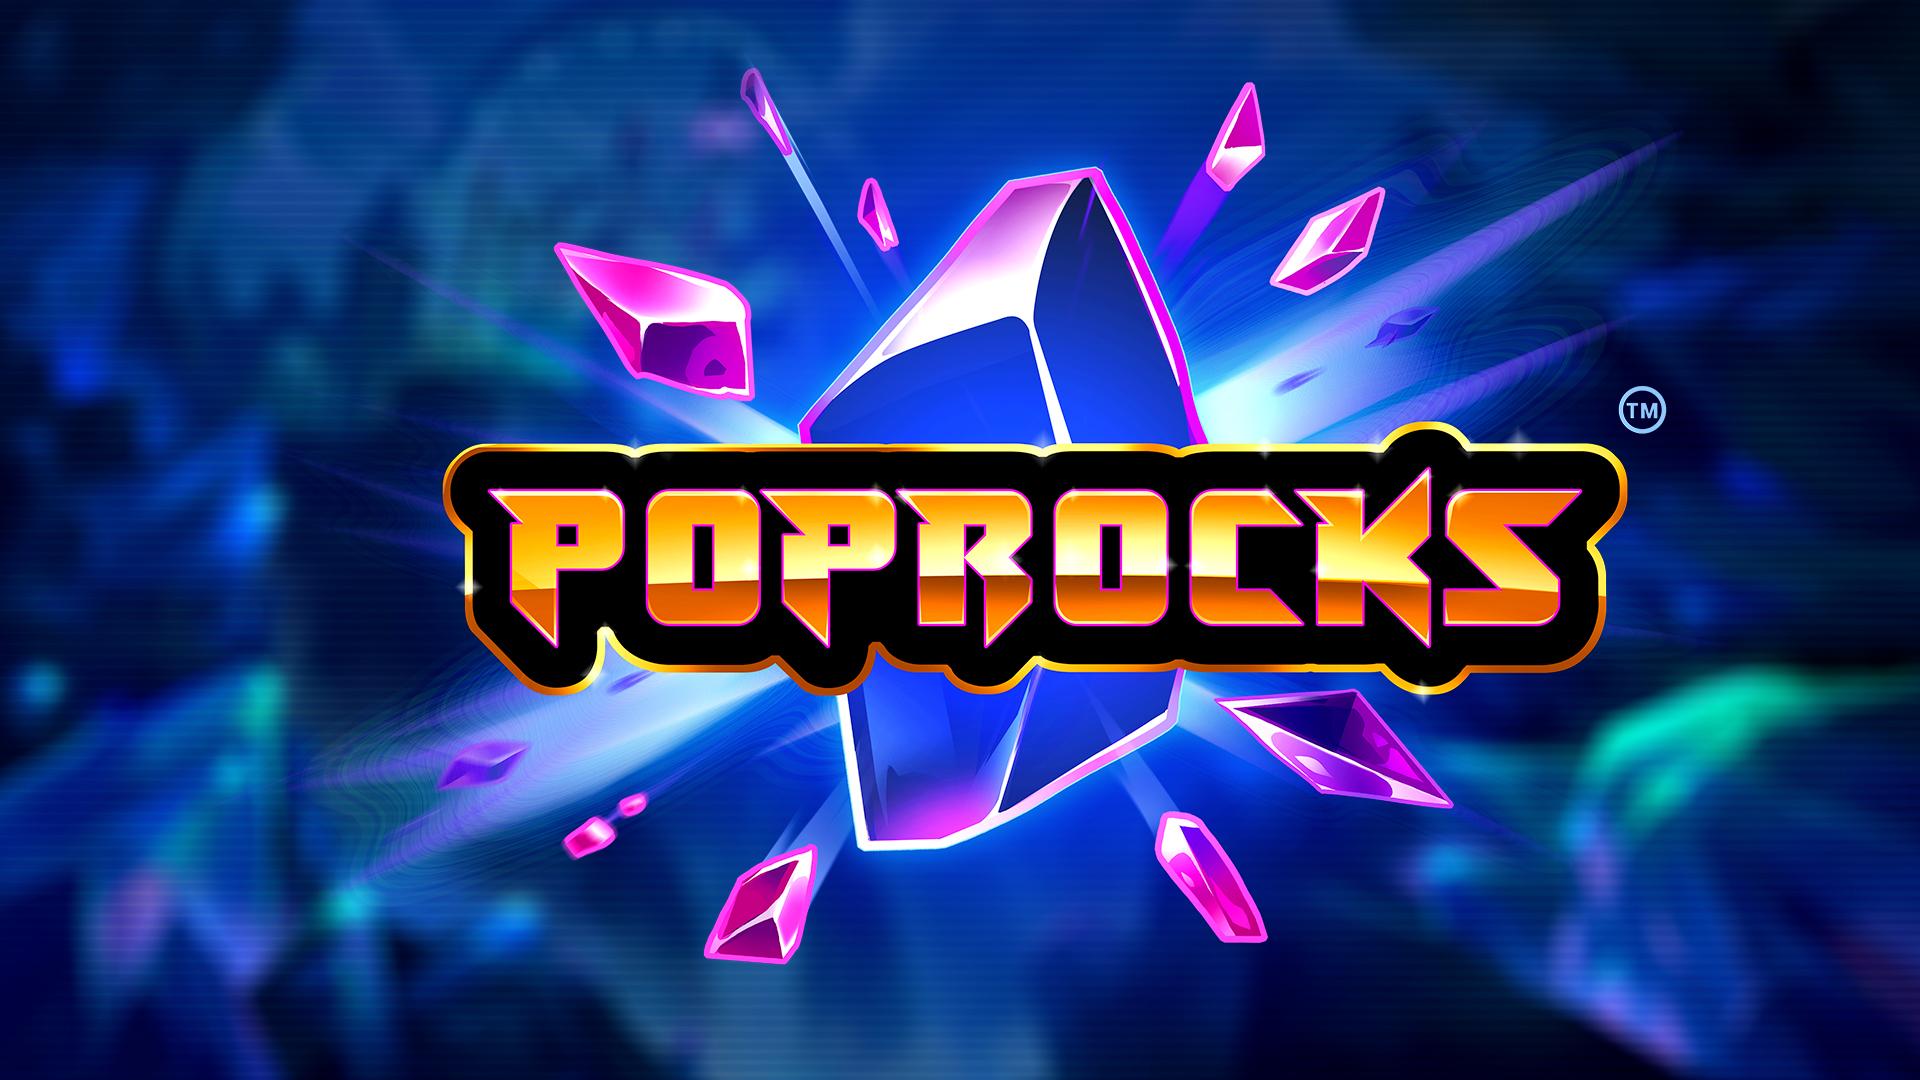 Poprocks Slot Thor Slots